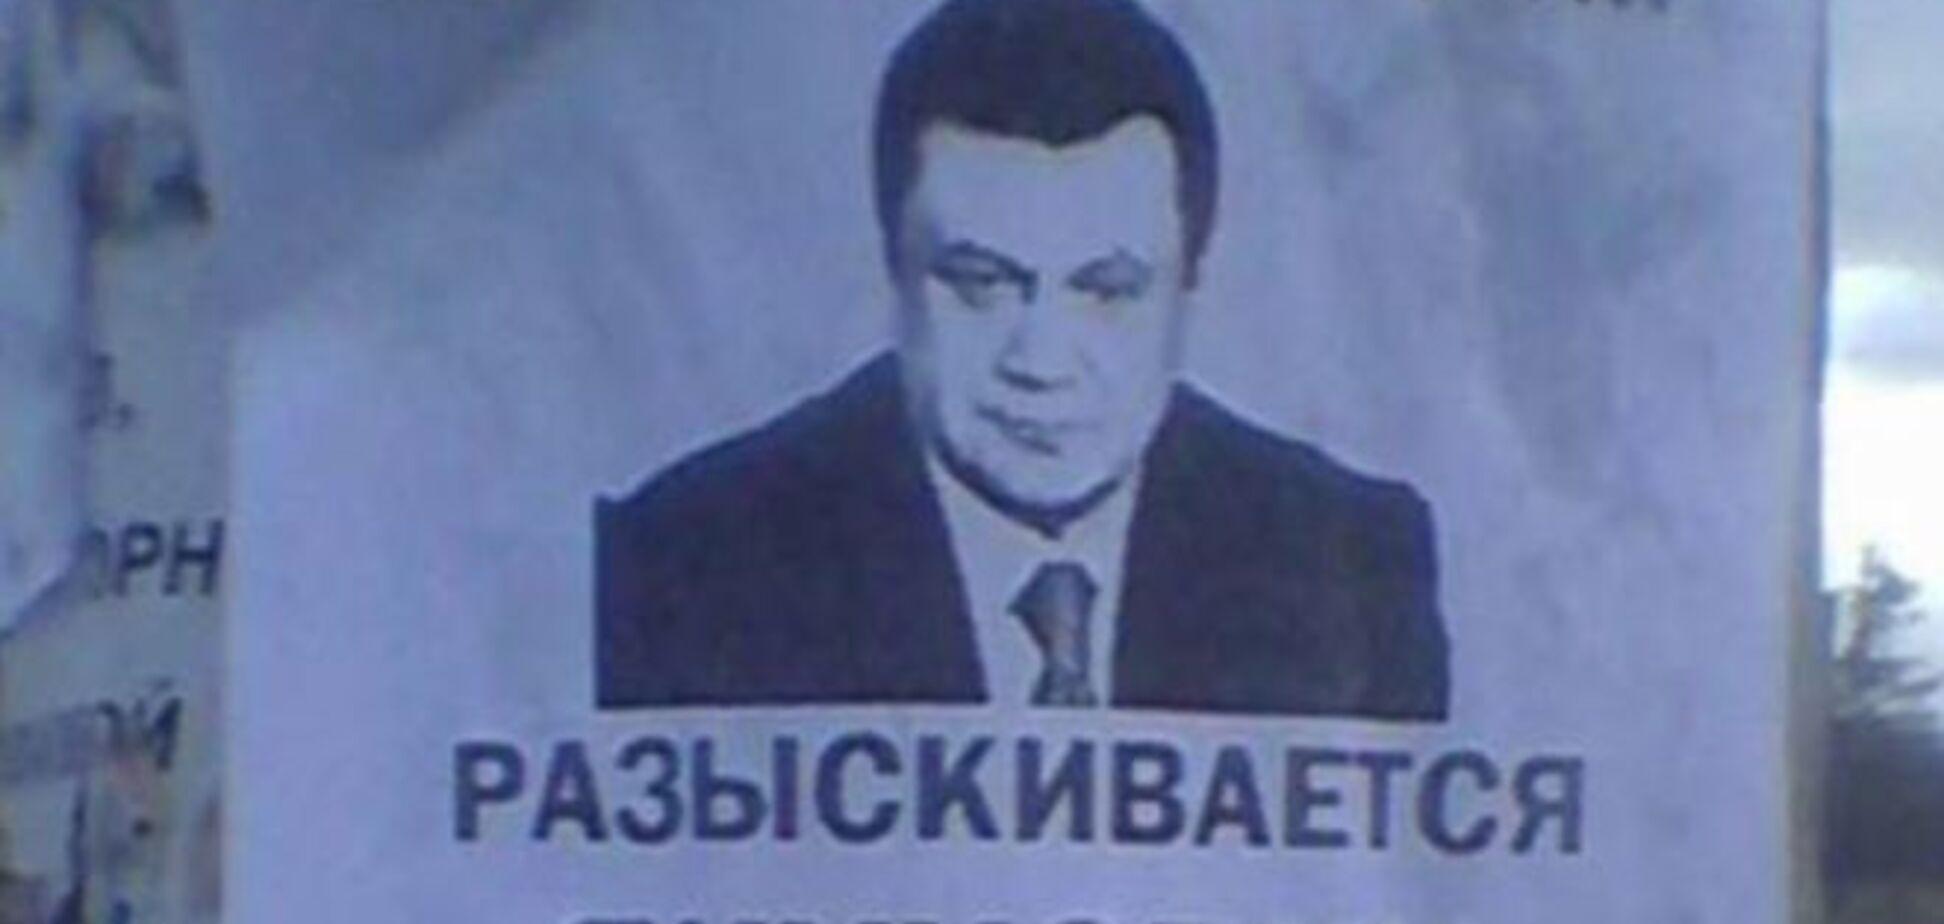 Не Януковичем єдиним: як живуть президенти, вигнані своїм народом